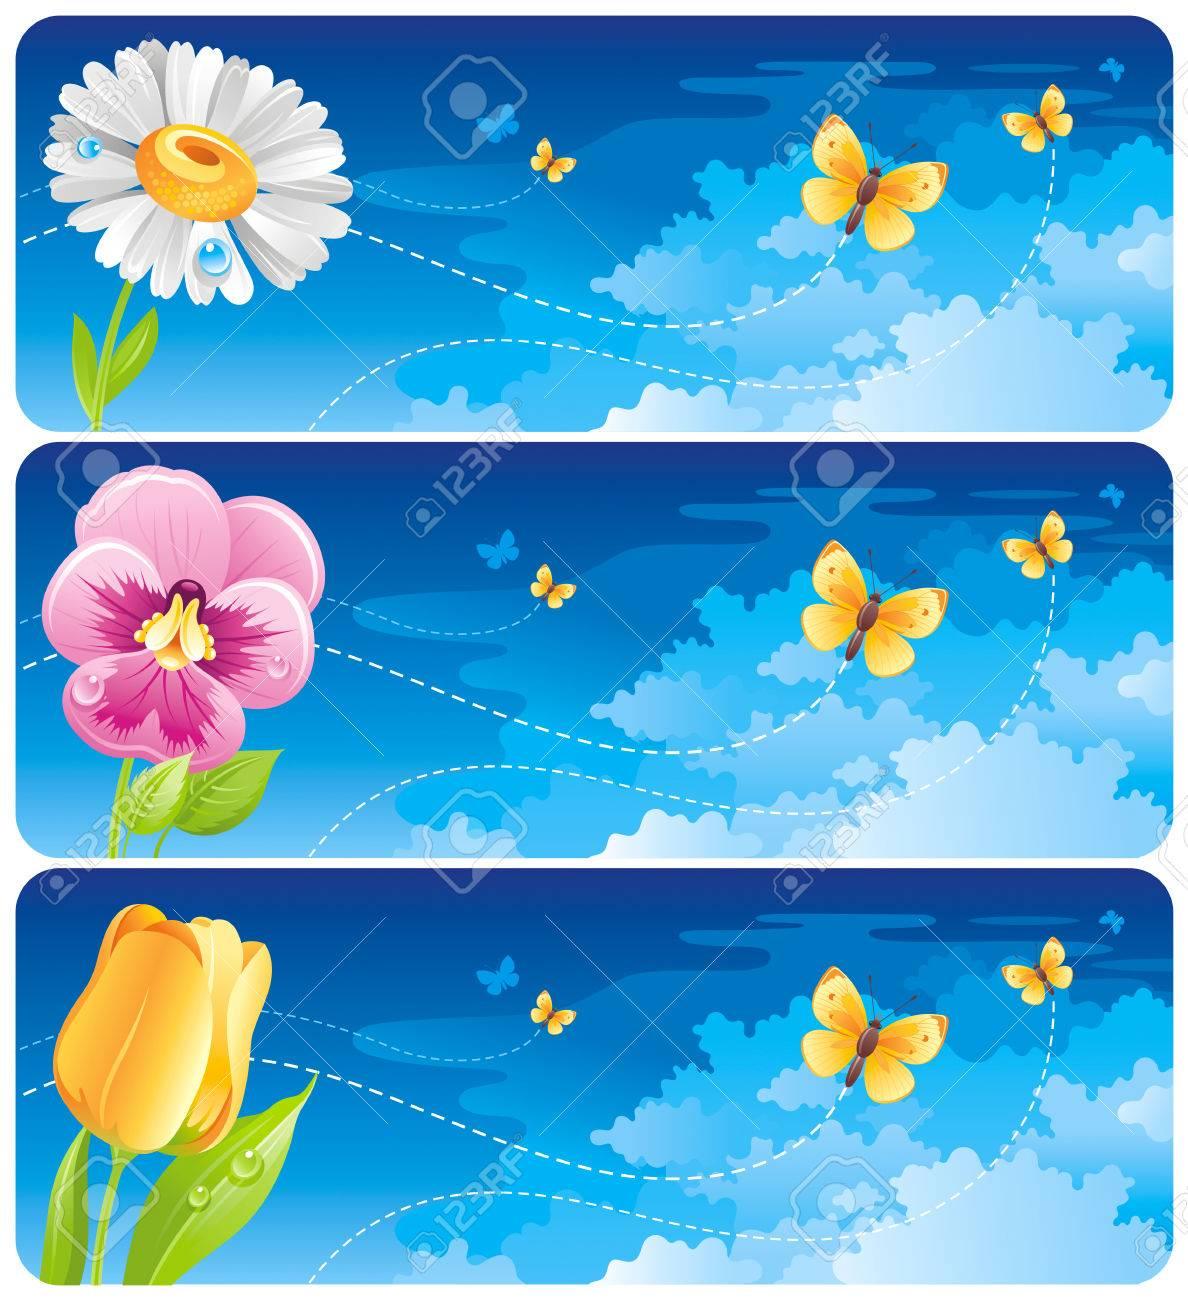 dd9519e5246 Spring Banner Set. Easter